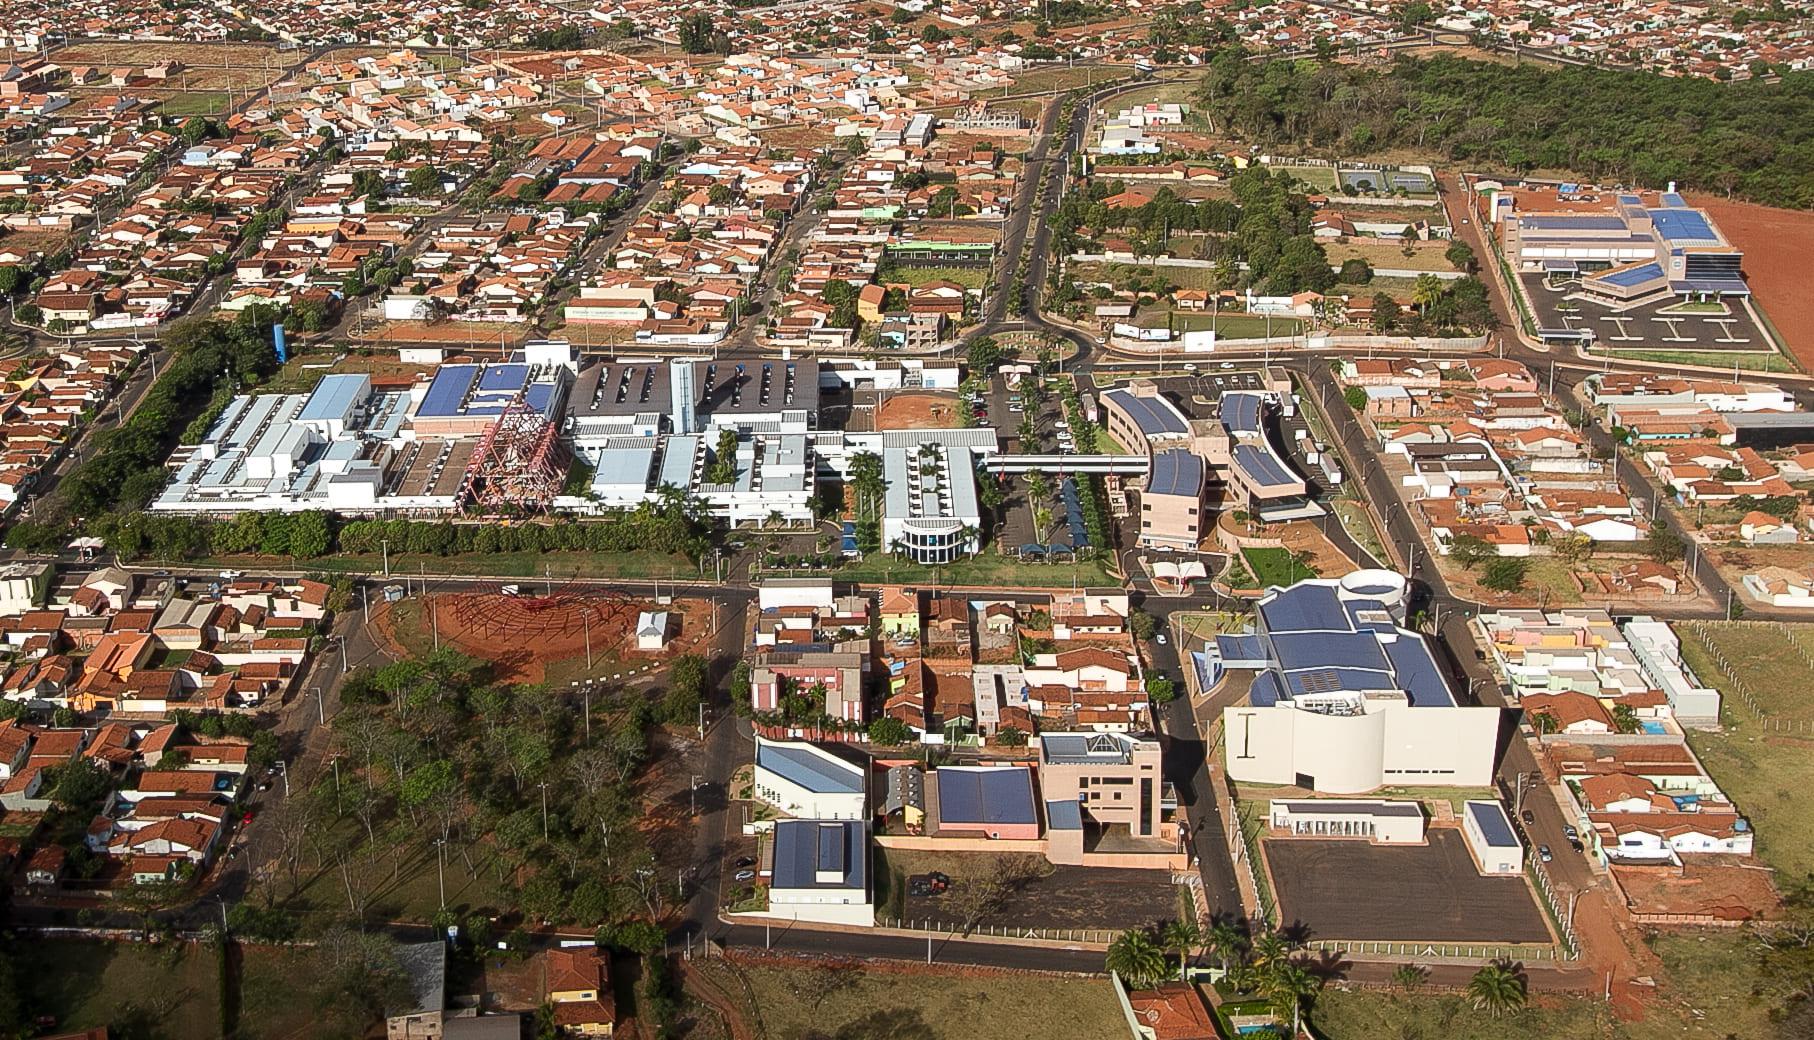 Imagem área do hospital símbolo da cidade para remeter ao empreendedor que está em busca de um escritório de contabilidade em Barretos